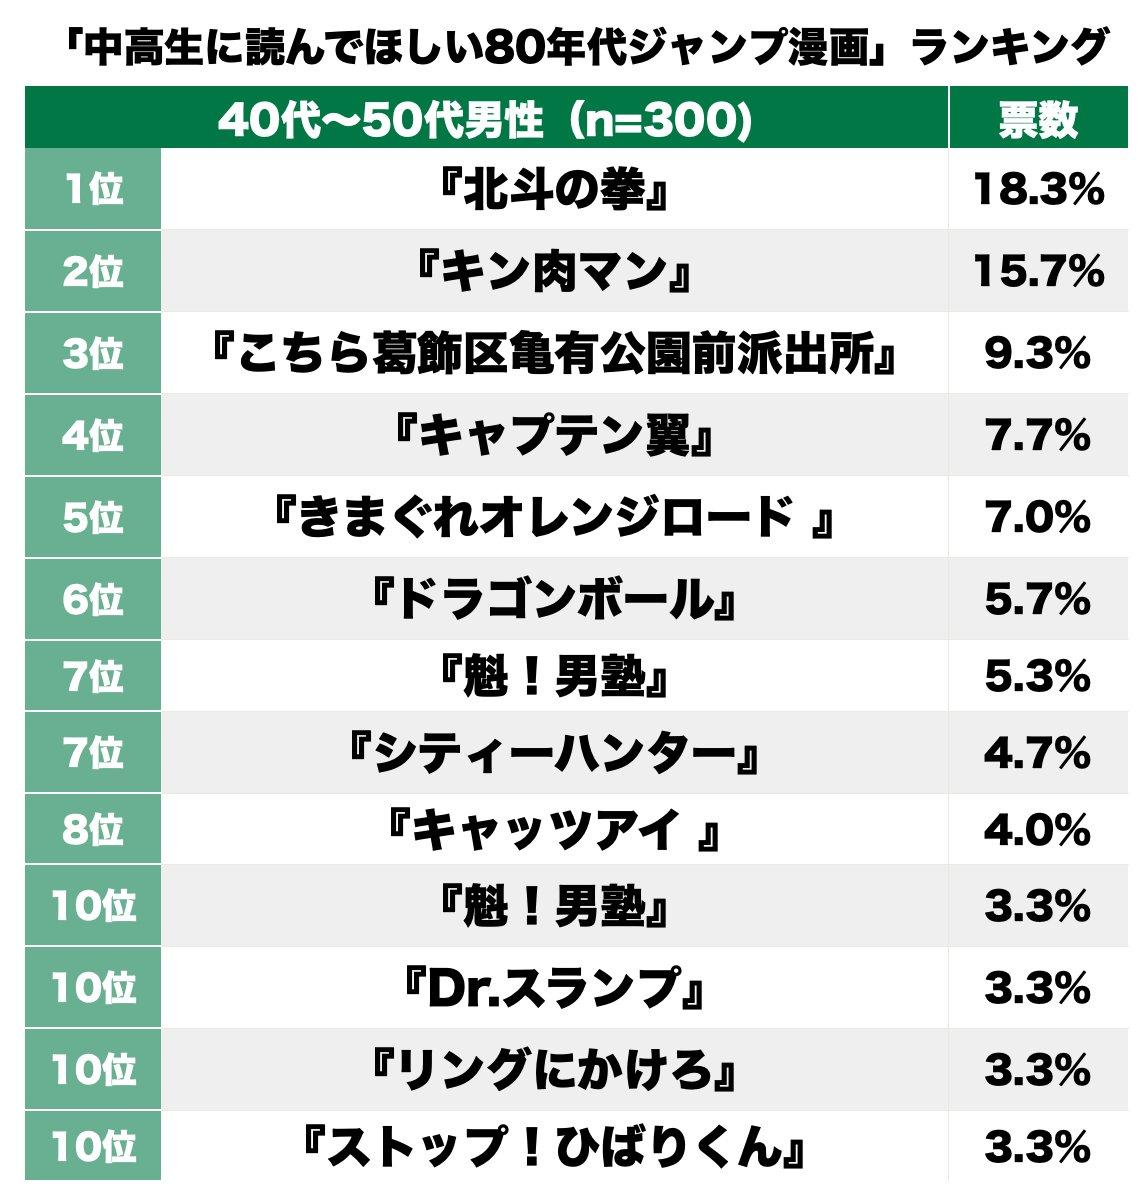 ちゃんねる ニュース ナビ 2 速報